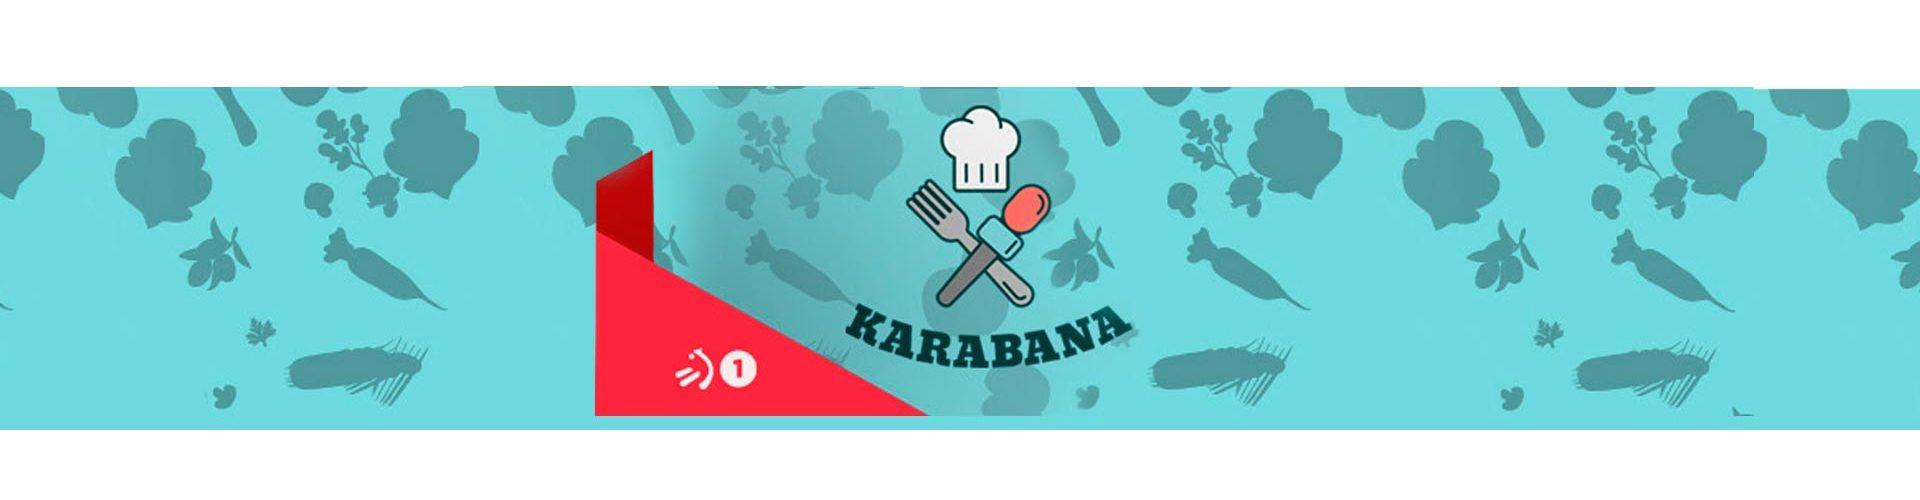 Karabana-Akebaso